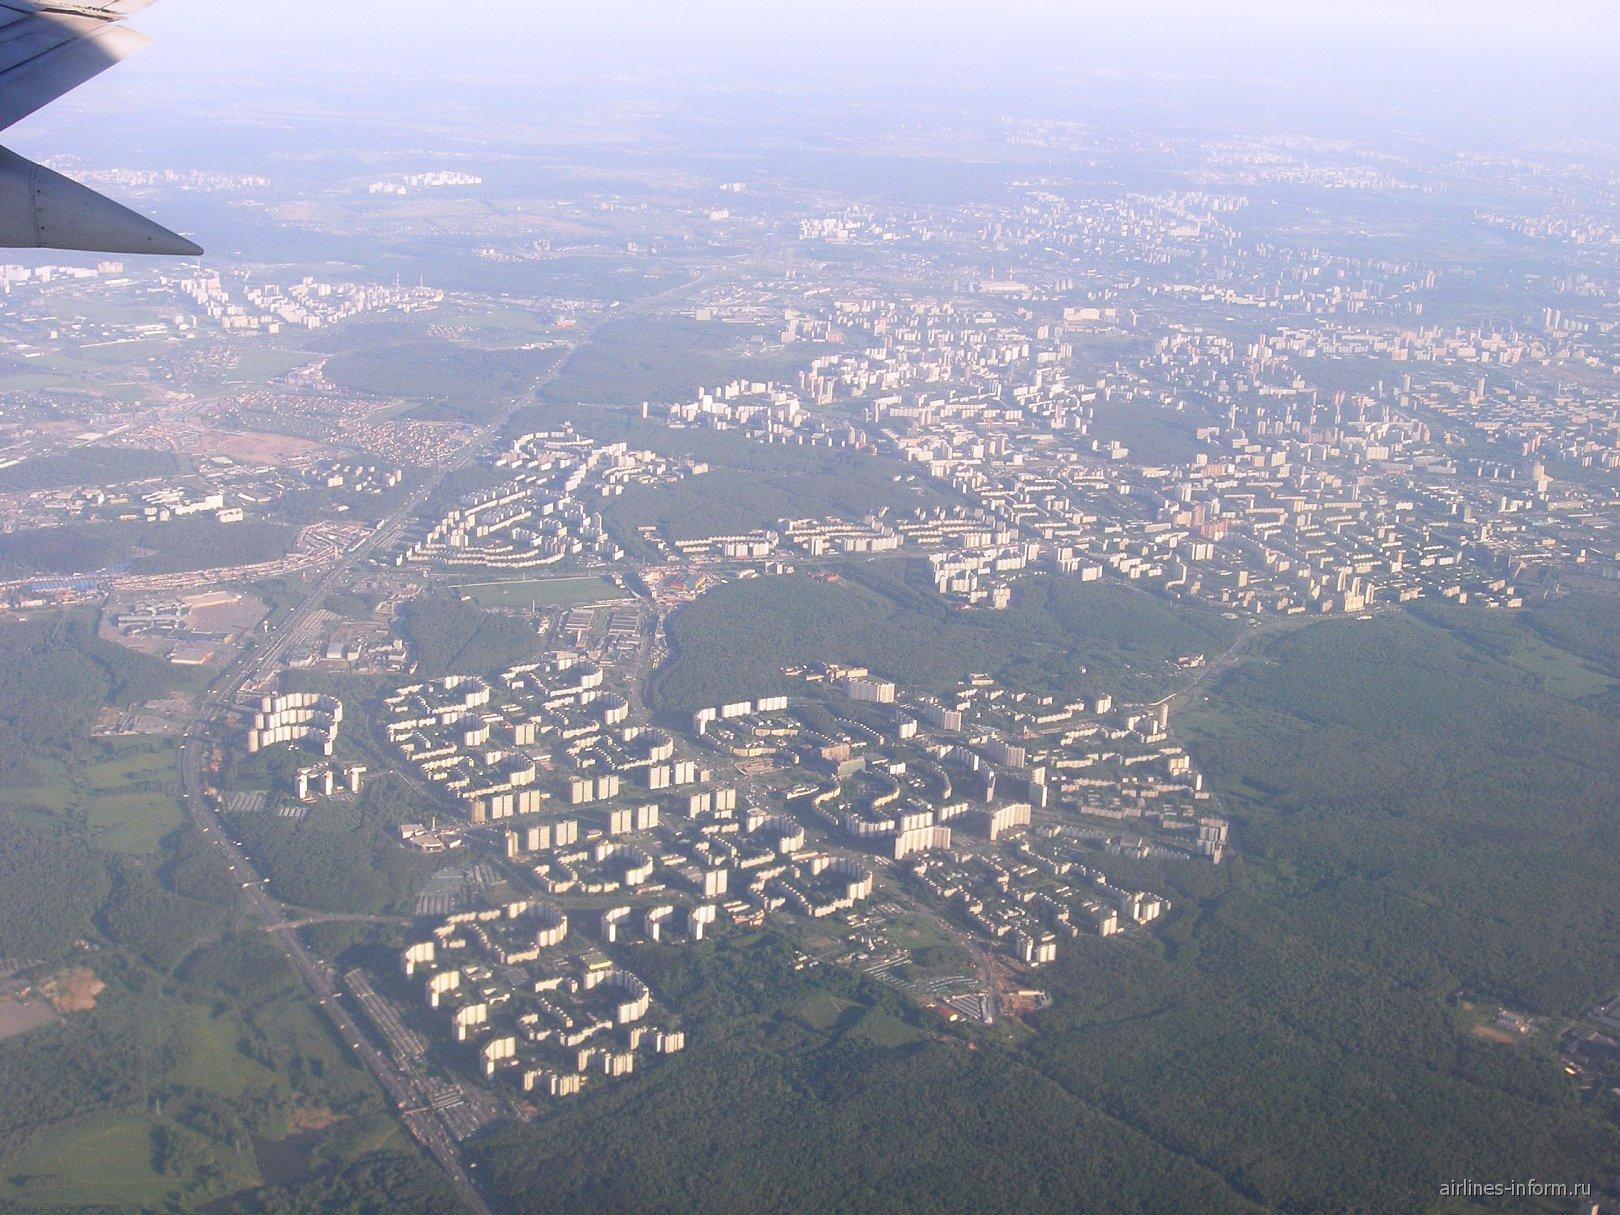 Вид на район Теплый Стан в Москве перед посадкой в аэропорту Внуково